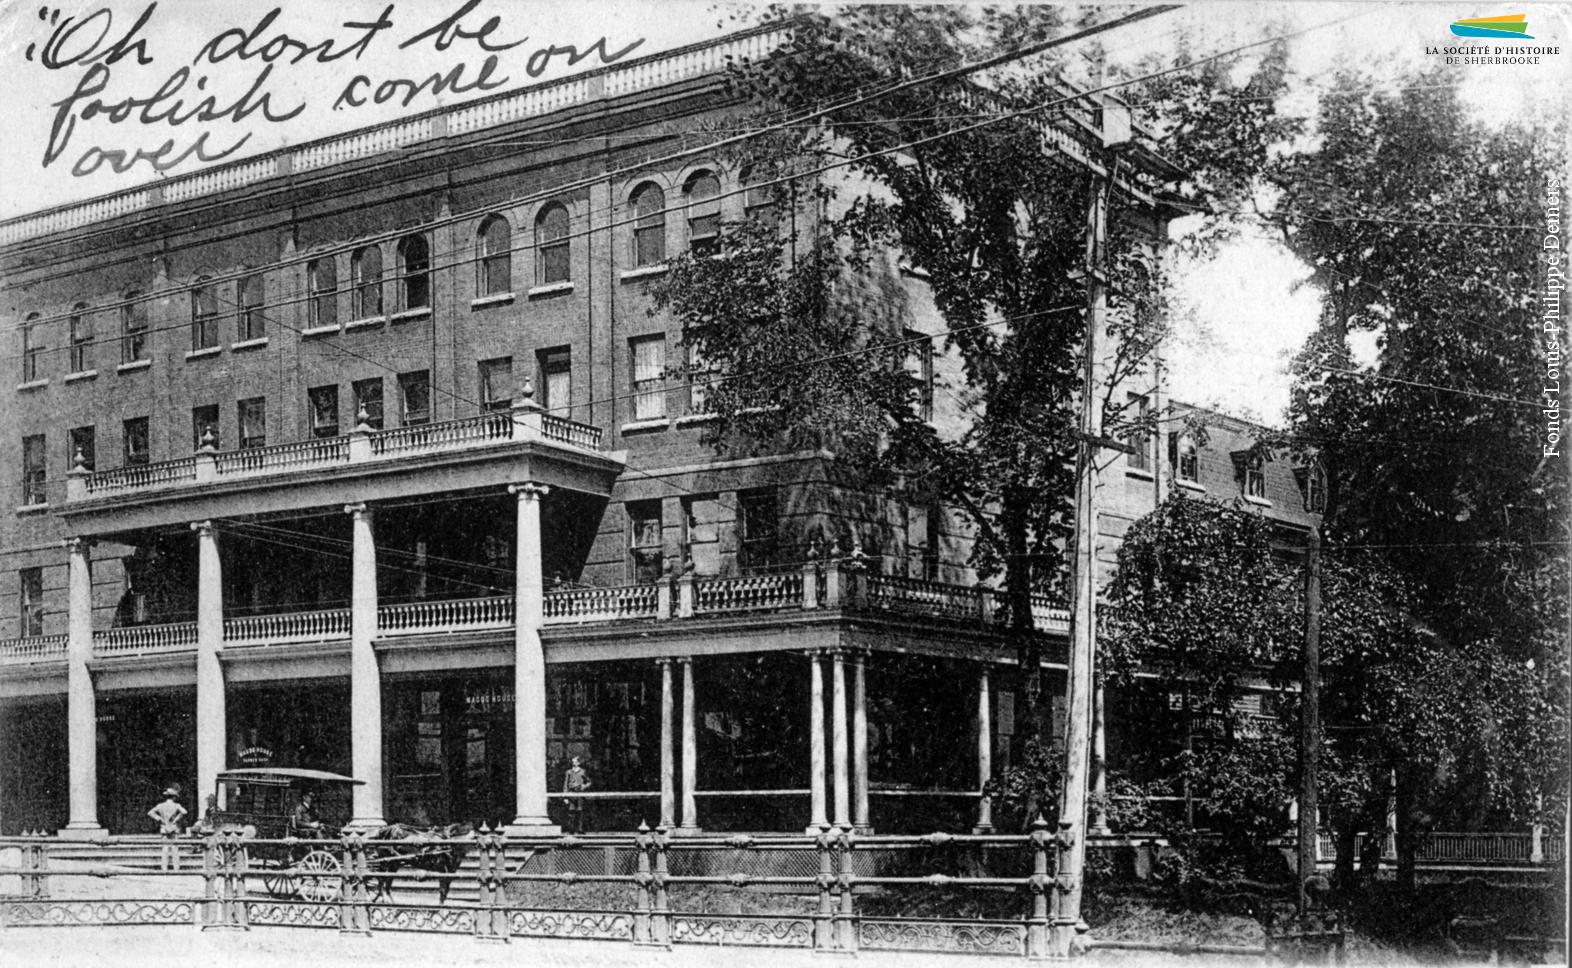 Le Magog House, ou Hôtel Magog, au début des années 1900. Le premier hôtel bâti à cet endroit, par Tylar Moore en 1836, sert de relais pour les diligences qui circulent entre Québec, Montréal et les États-Unis